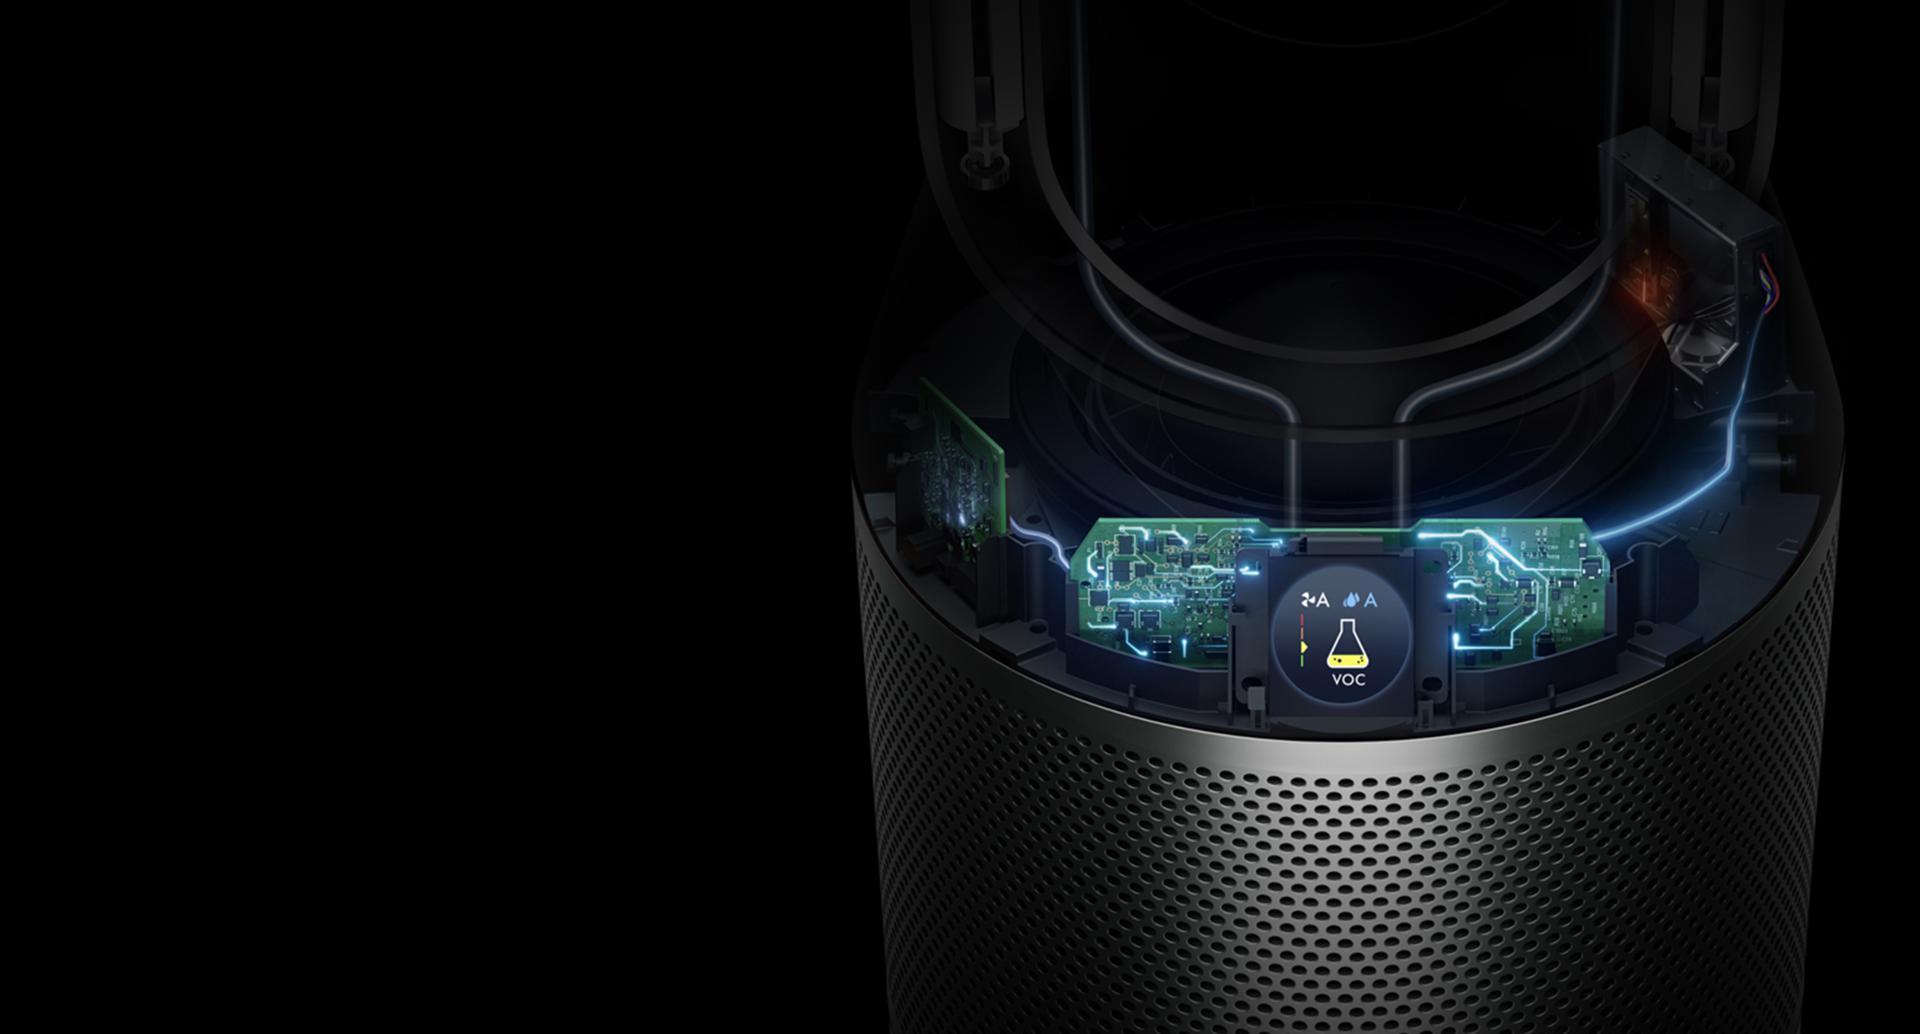 Wewnętrzne części urządzenia i trzy czujniki – wyświetlane na ekranie LCD